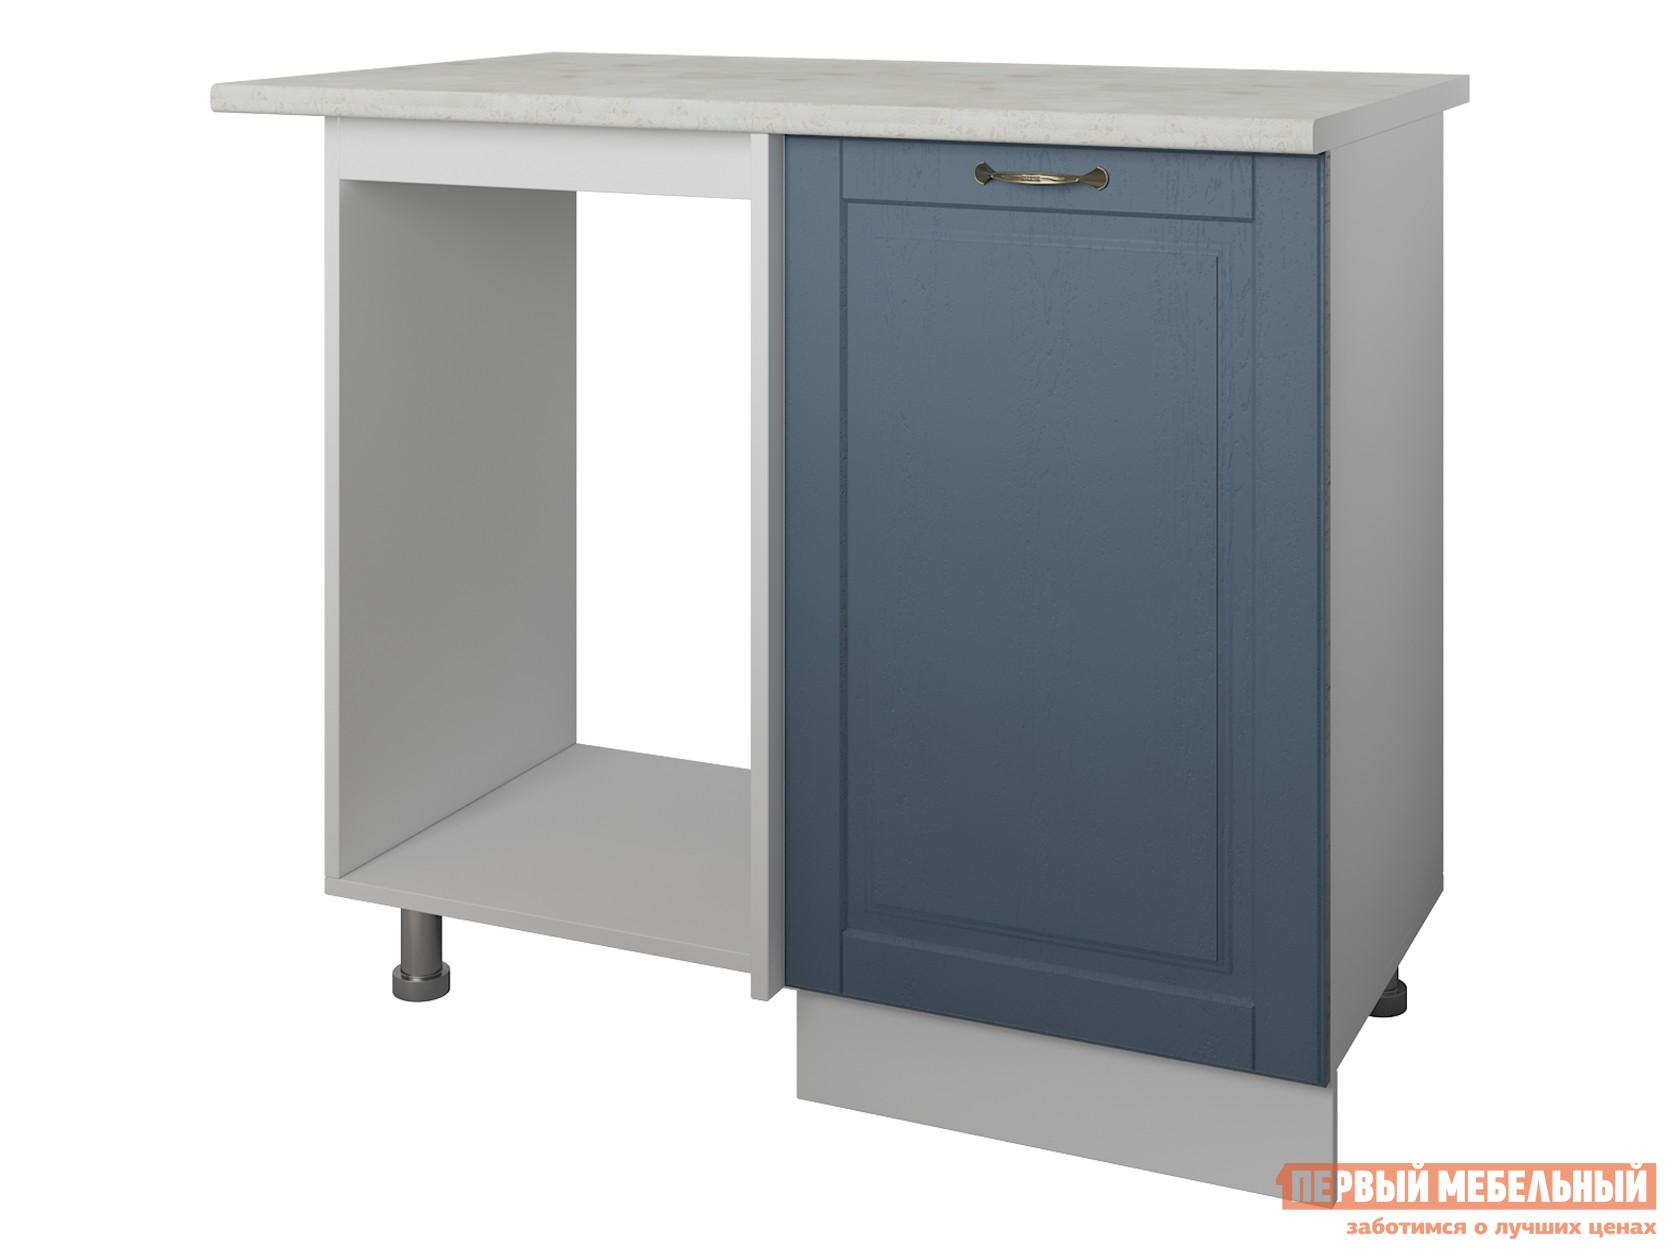 Кухонный модуль Первый Мебельный Палермо Тумба угловая с прямым фасадом 1000